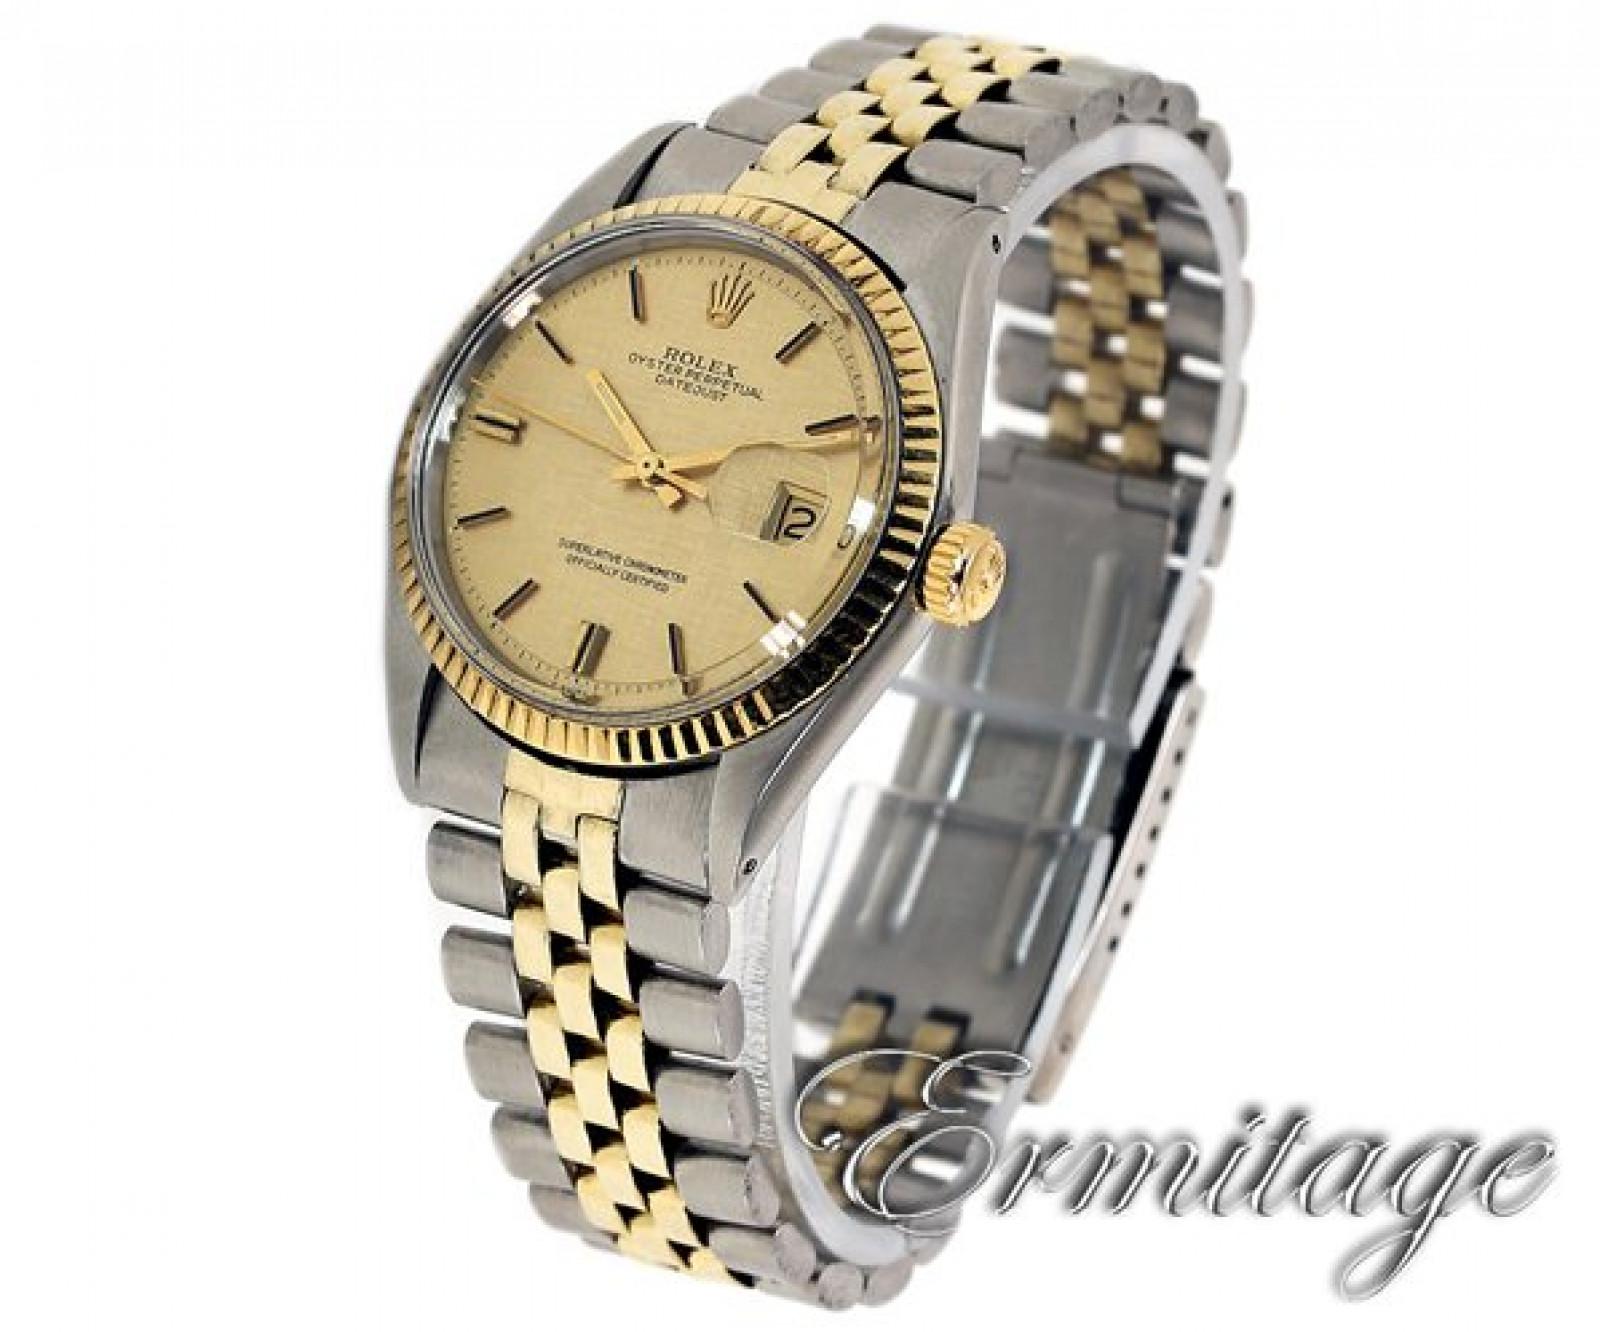 Vintage Rare Rolex Datejust 1601 Gold & Steel Year Circa 1969